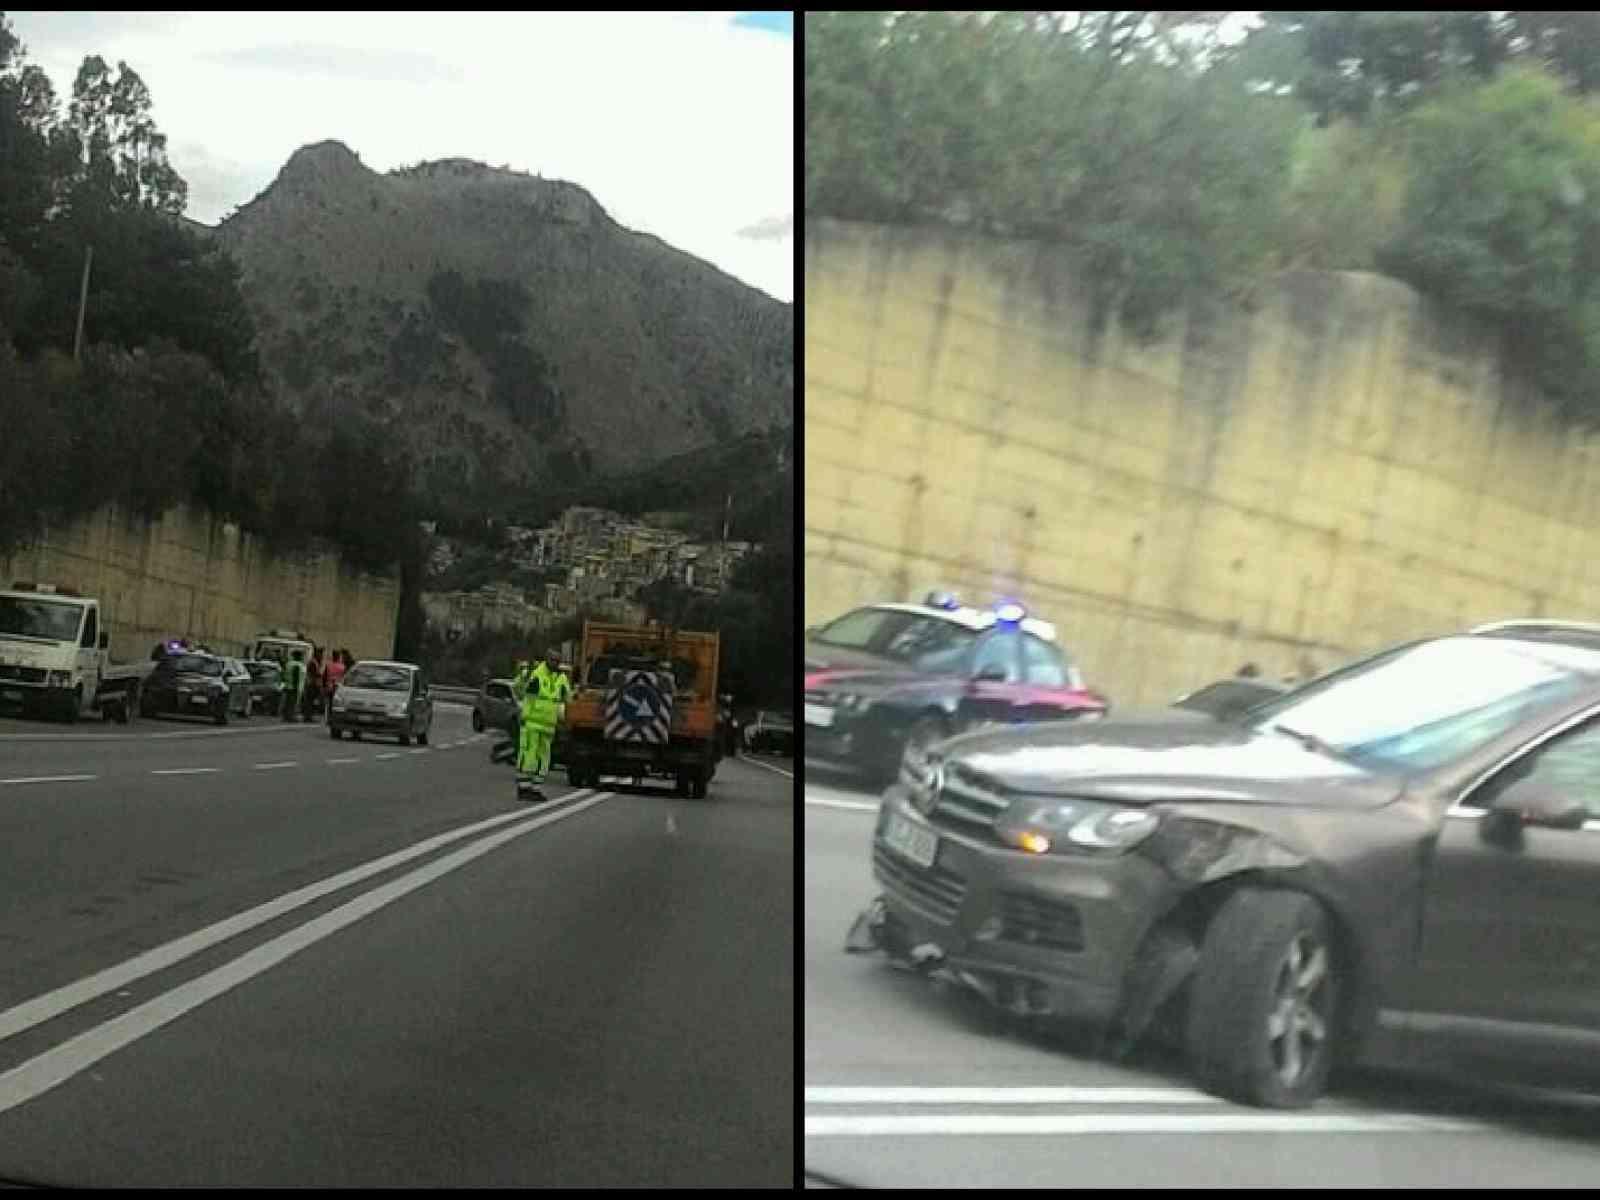 Incidente frontale sulla Fondovalle, Ss624 Palermo - Sciacca